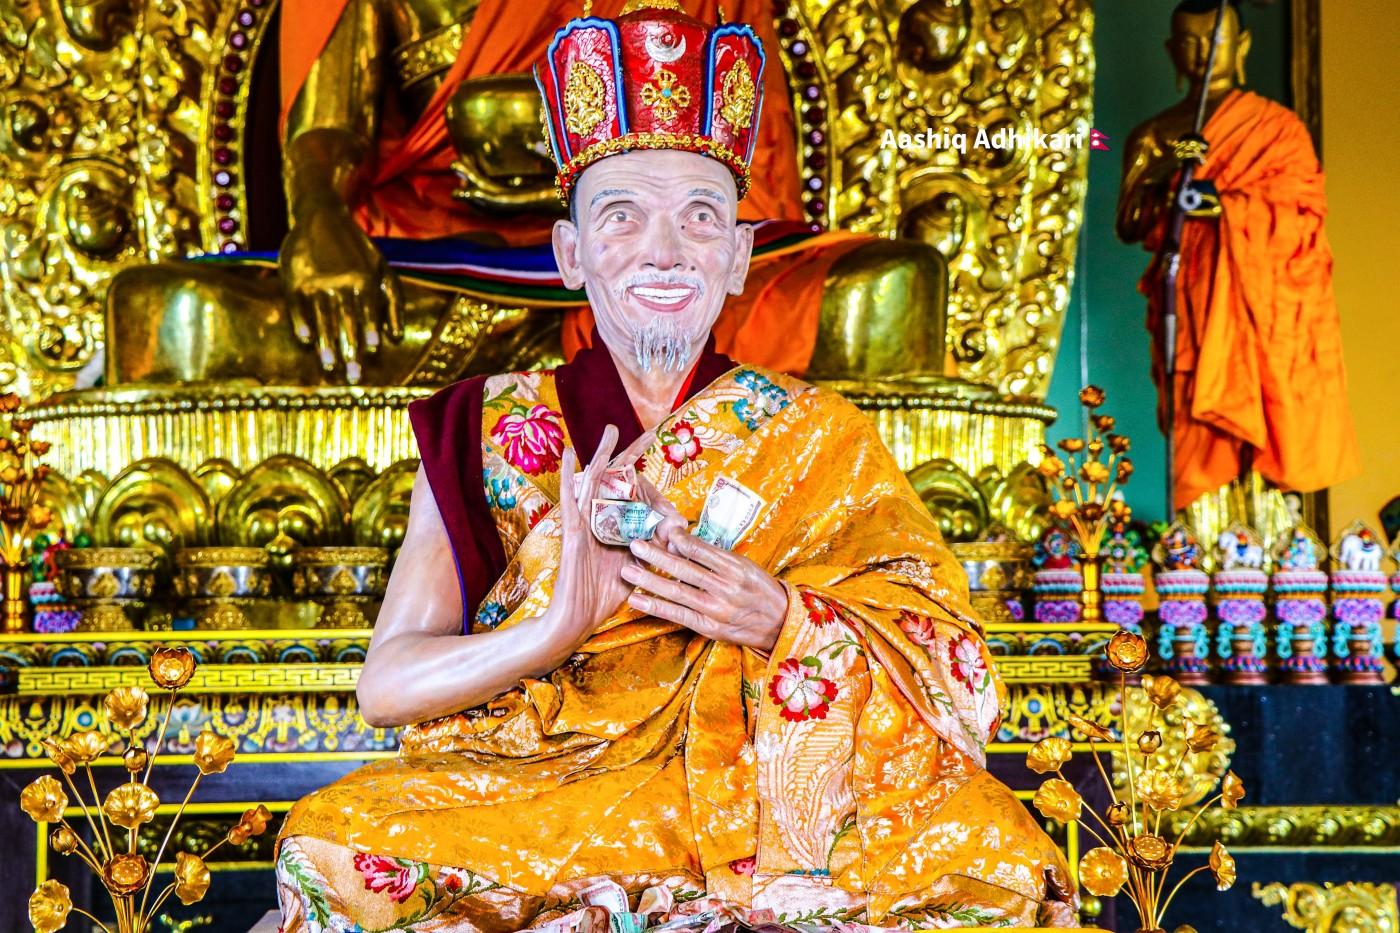 Beautiful statue located at Jamchen Buddhist Stupa, Budhanilkantha.